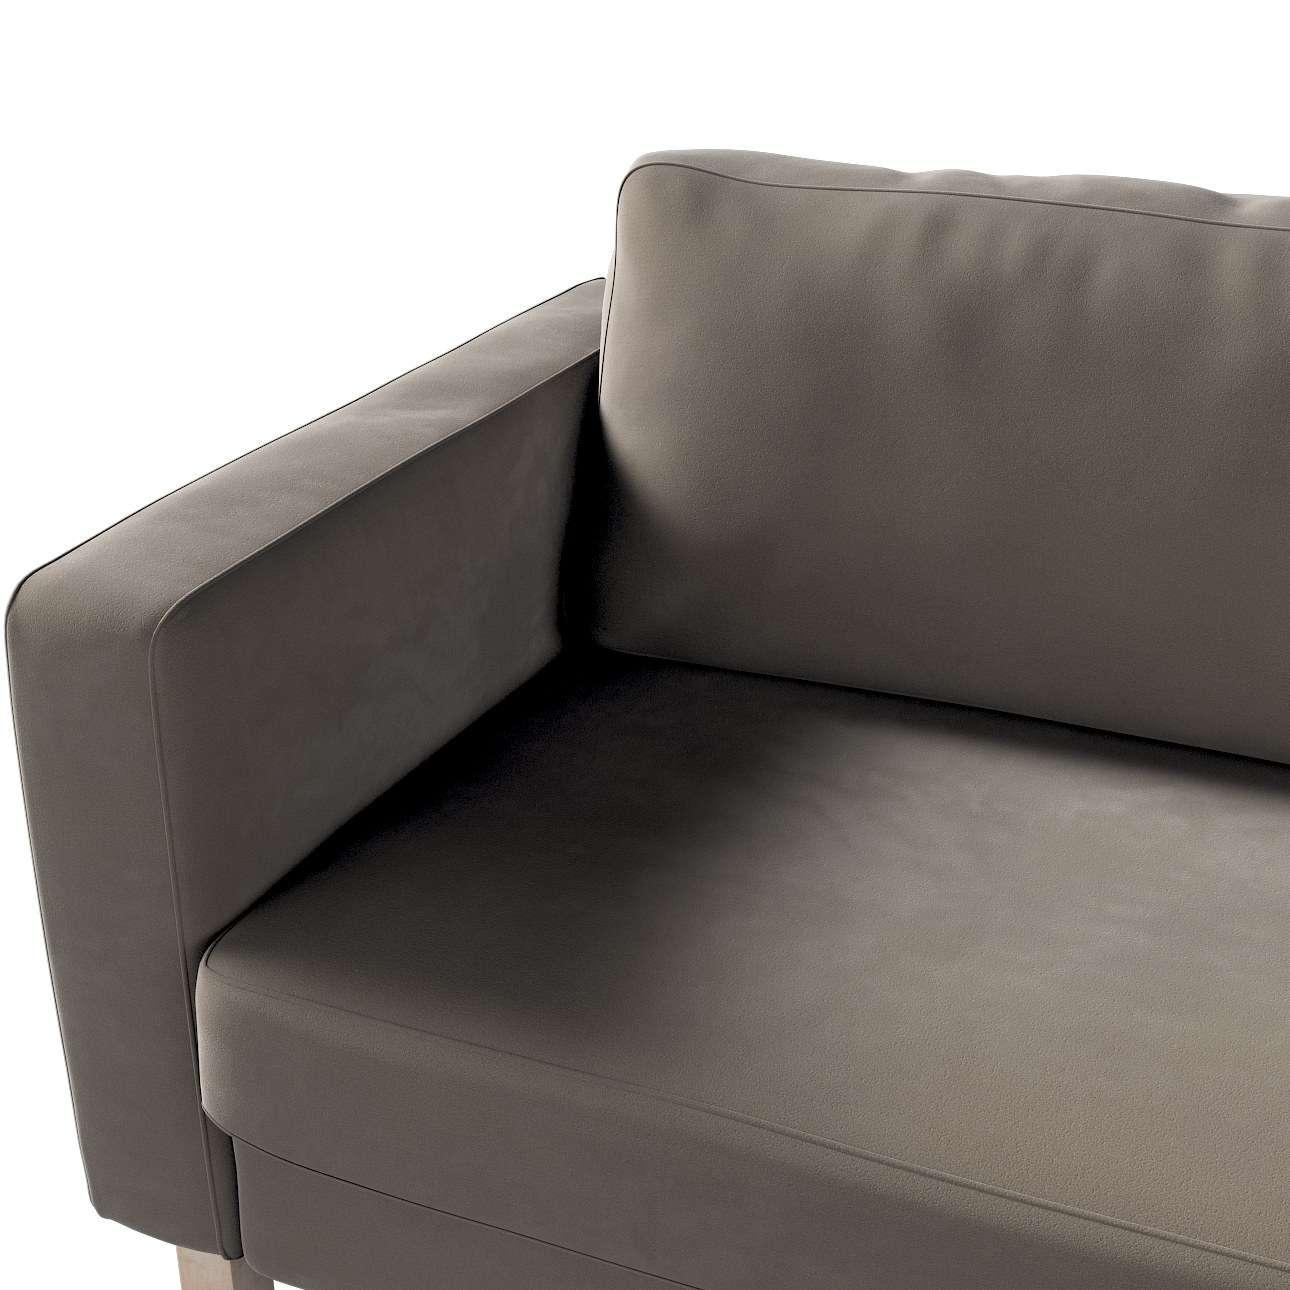 Pokrowiec na sofę Karlstad 3-osobową nierozkładaną, krótki w kolekcji Velvet, tkanina: 704-19